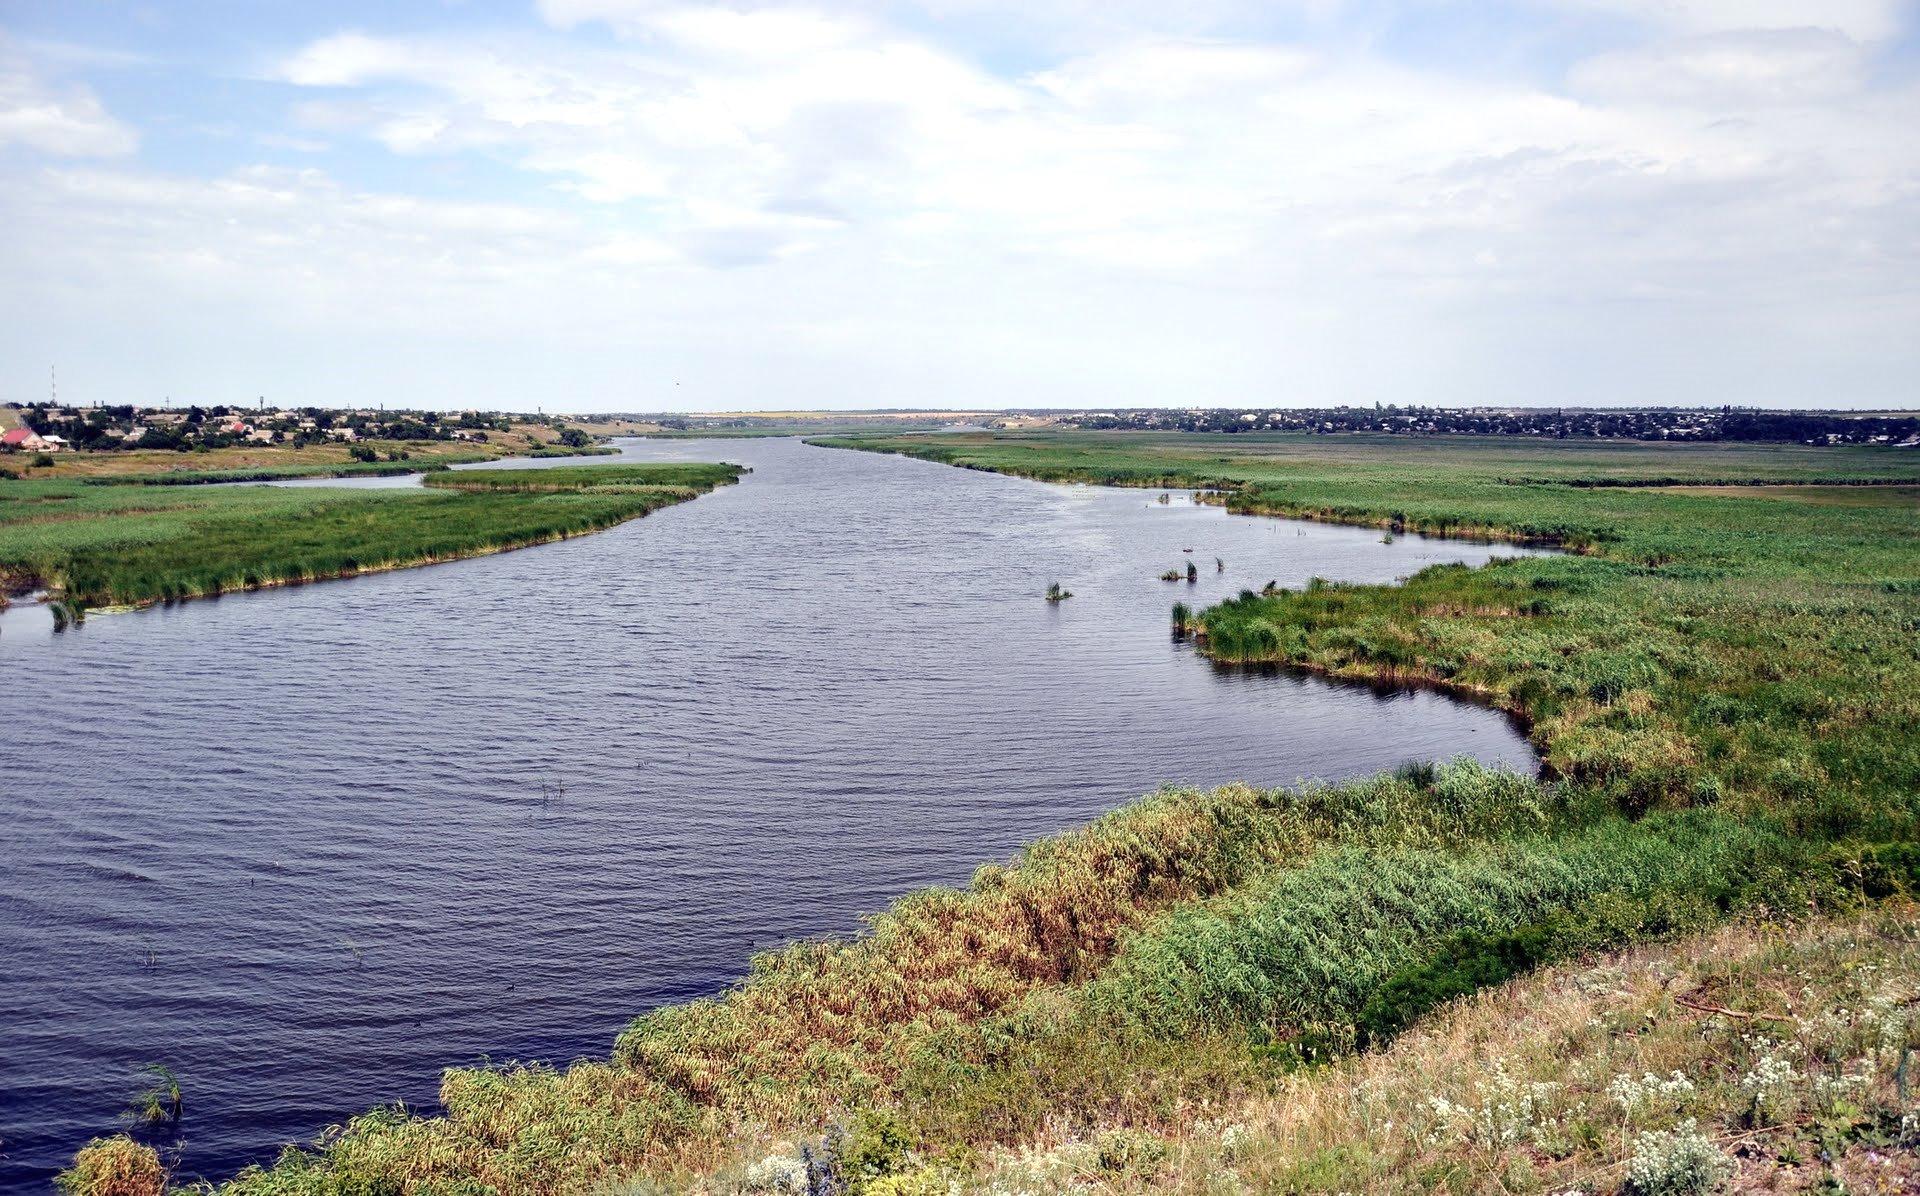 Загрязнение Ингульца стоками Кривбасса скажется на здоровье херсонцев